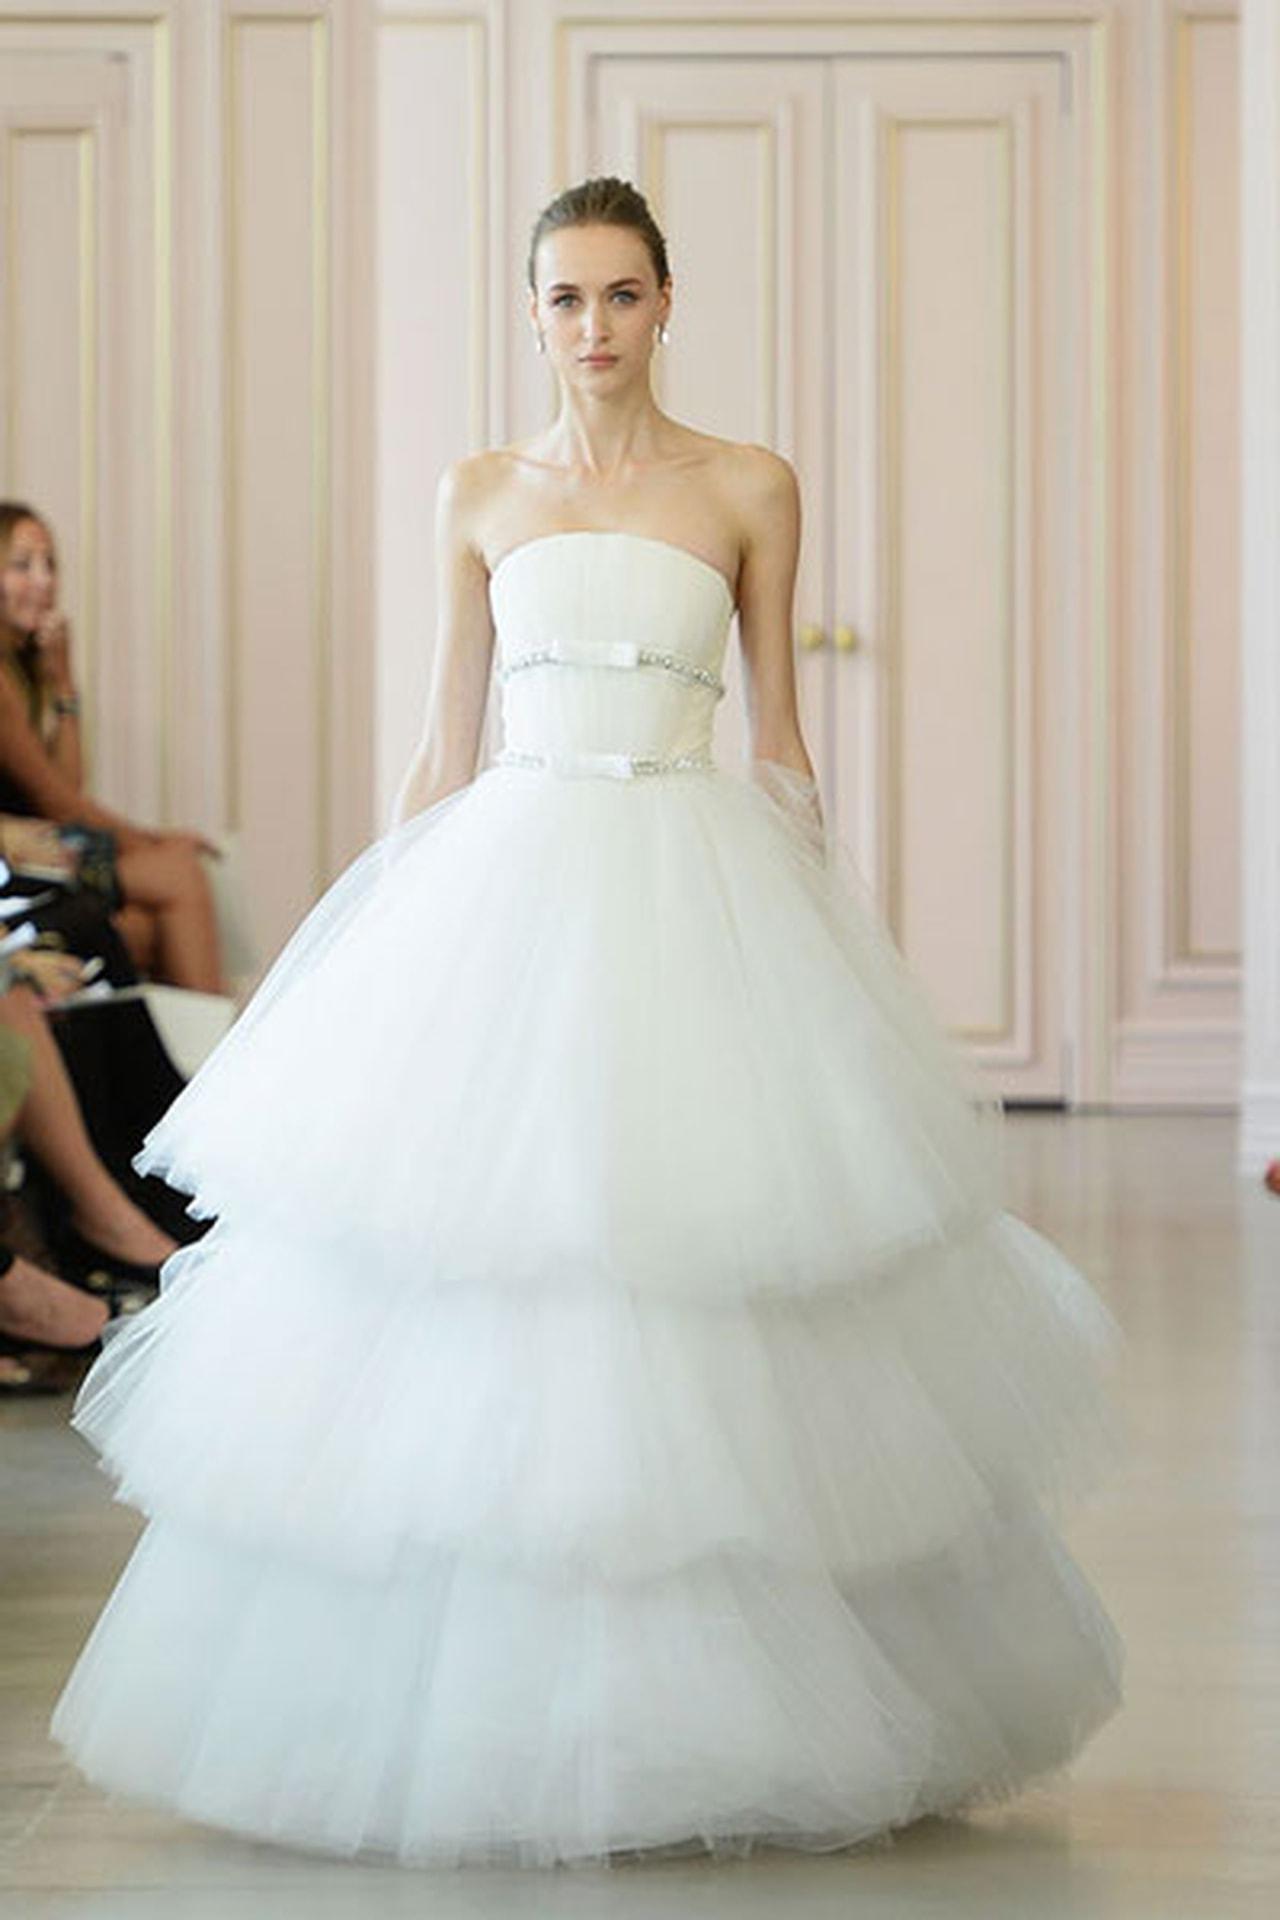 بالصور صور فساتين اعراس , تشكيله فساتين زفاف رائعه 1396 11